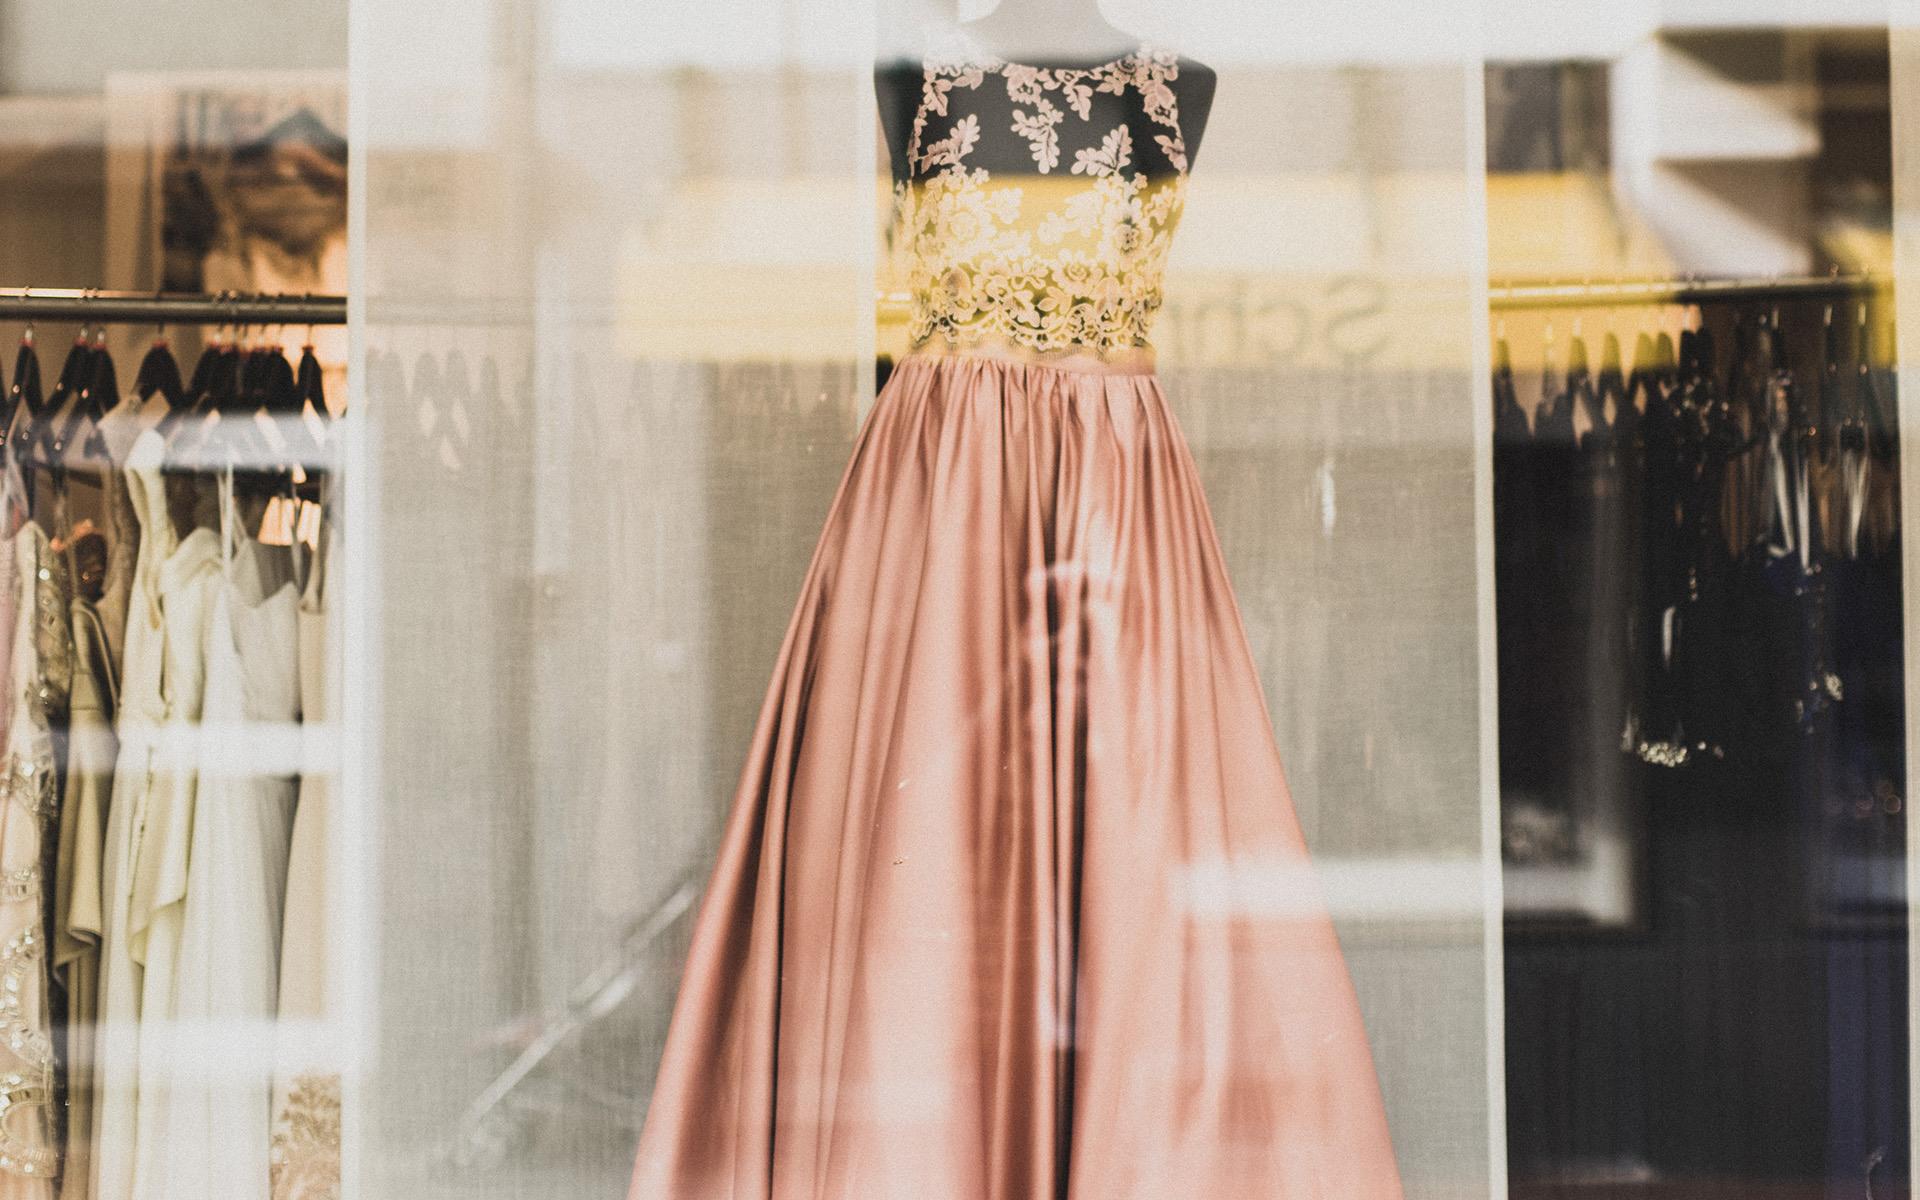 Wunderbar Abendkleider Paderborn Spezialgebiet10 Coolste Abendkleider Paderborn Design